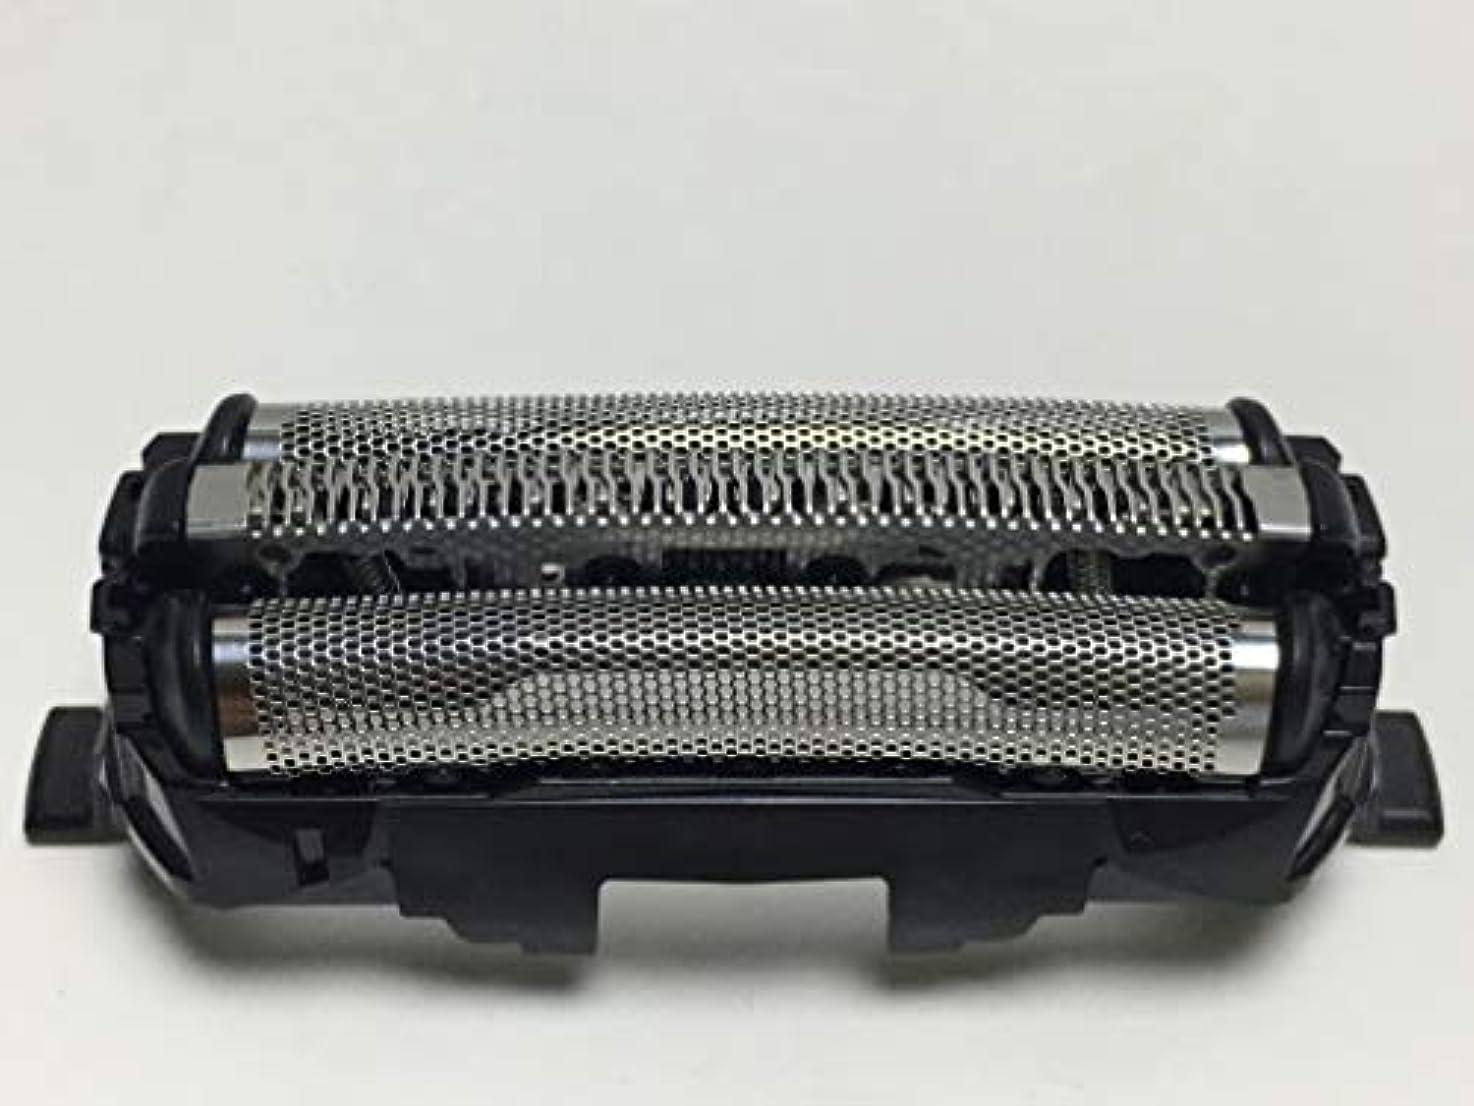 懐最後に永続剃刀ヘッドブレードネット パナソニック PANASONIC ES-RT33 ES-SL31 ES-RT34 ES-RT36 ES-RT37 ES-RT47 交換用外箔 Shaver Razor head Outer Foil